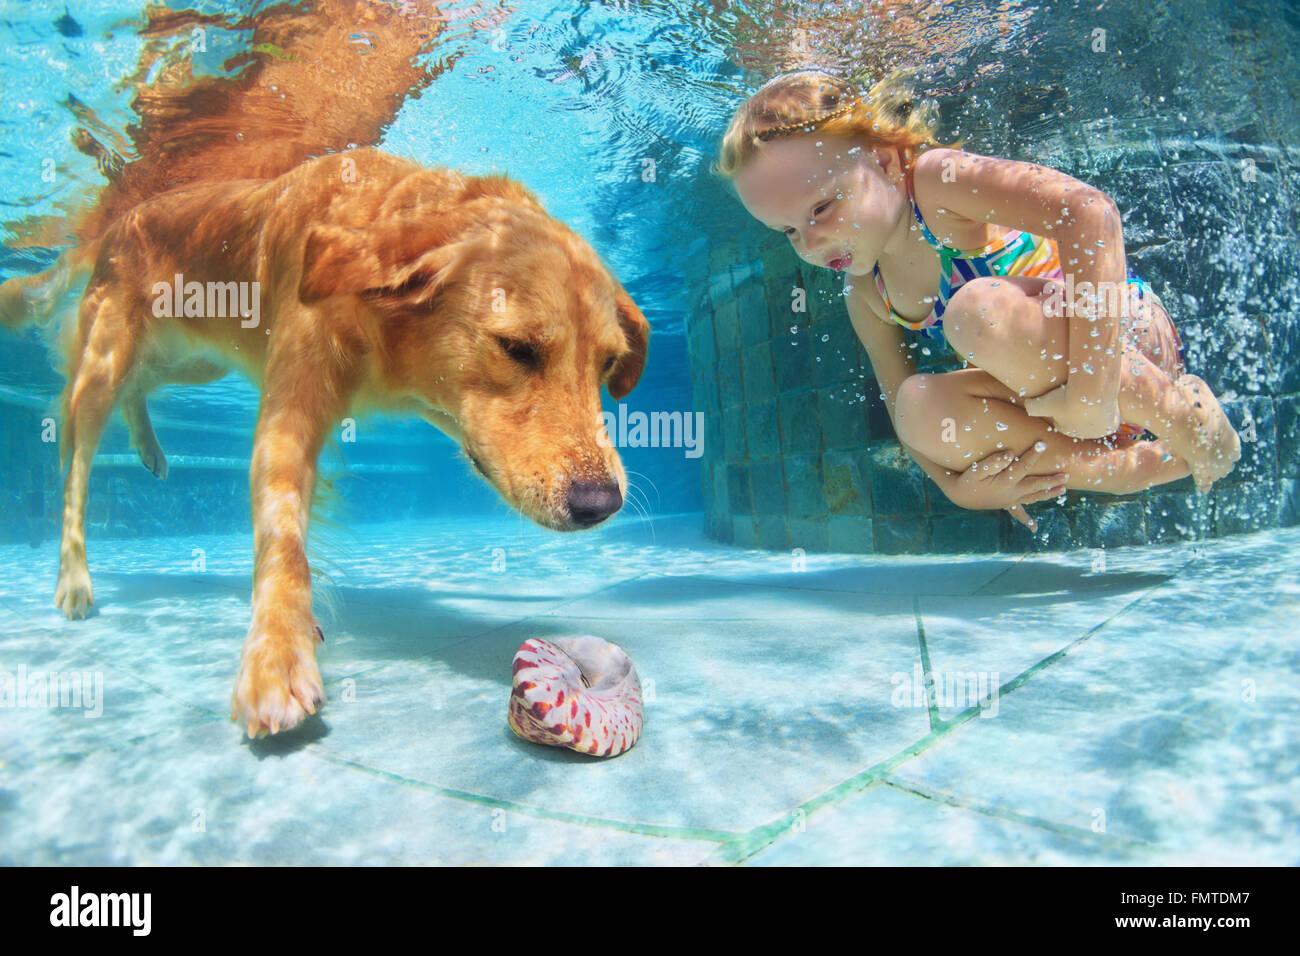 Il bambino gioca con il divertimento e il treno Golden Labrador retriever puppy in piscina - salto e tuffarsi underwater Immagini Stock